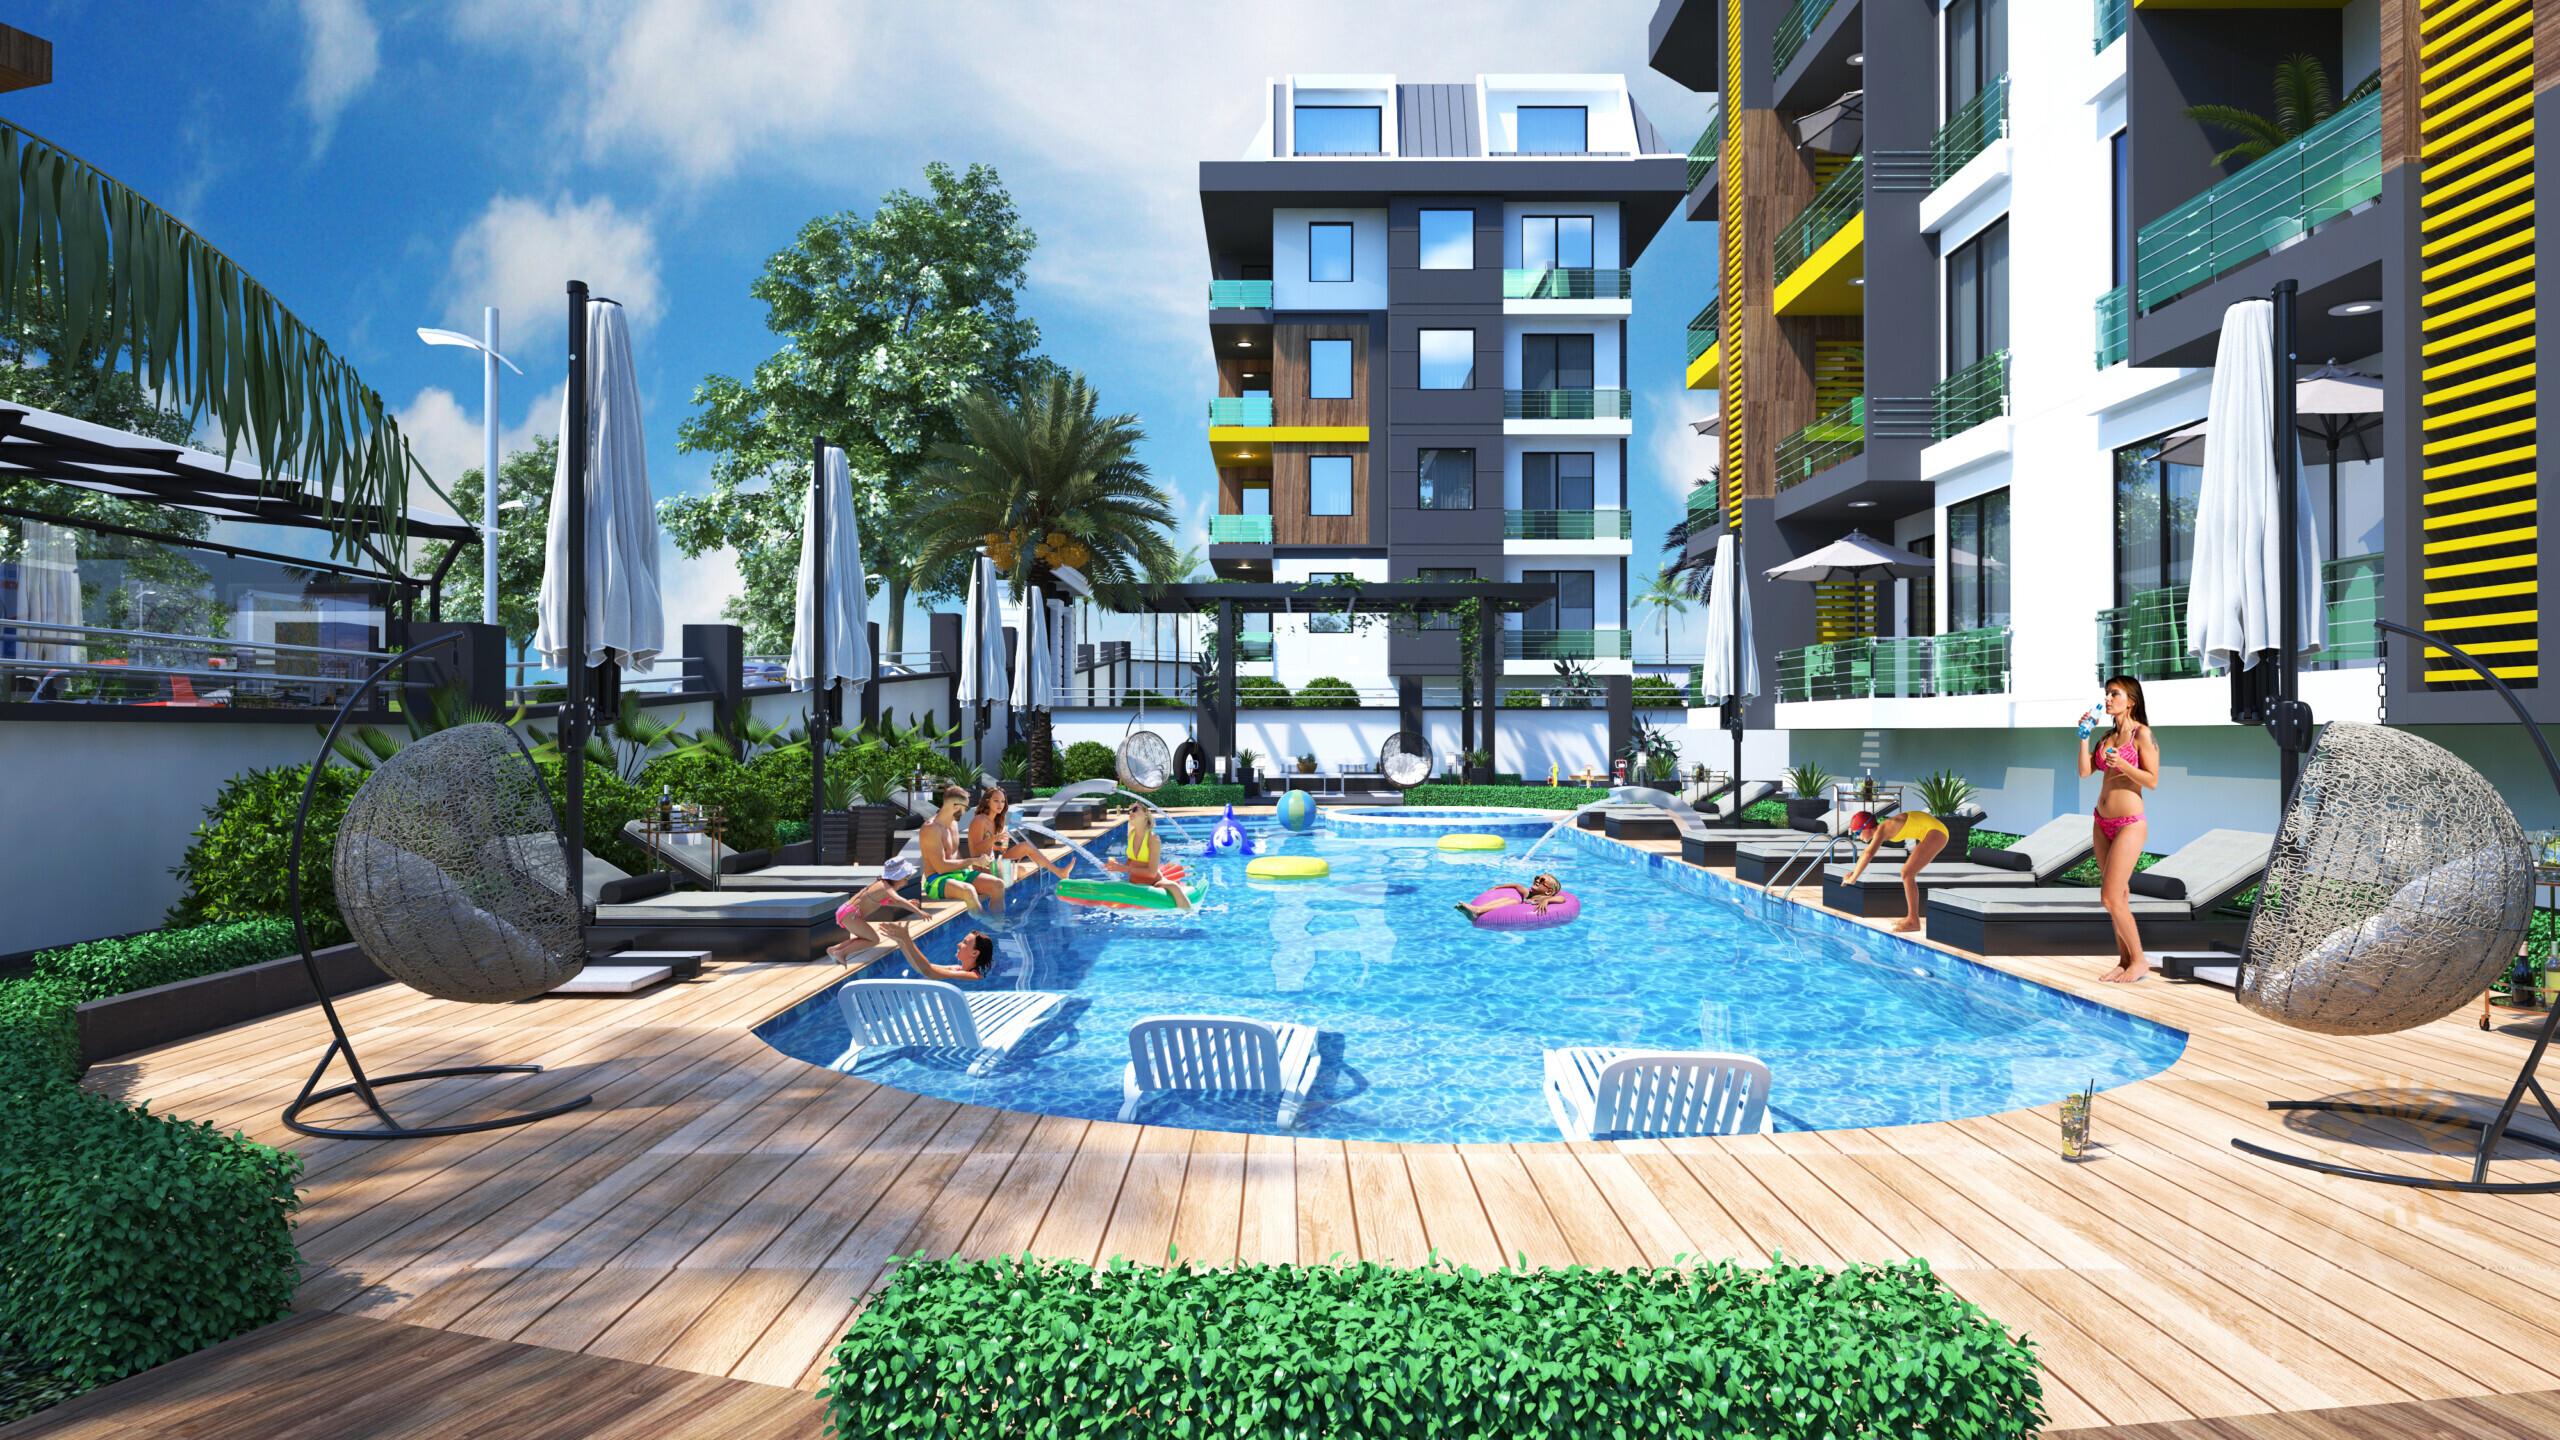 Kestel Alanya'da yeni inşa edilen daireler